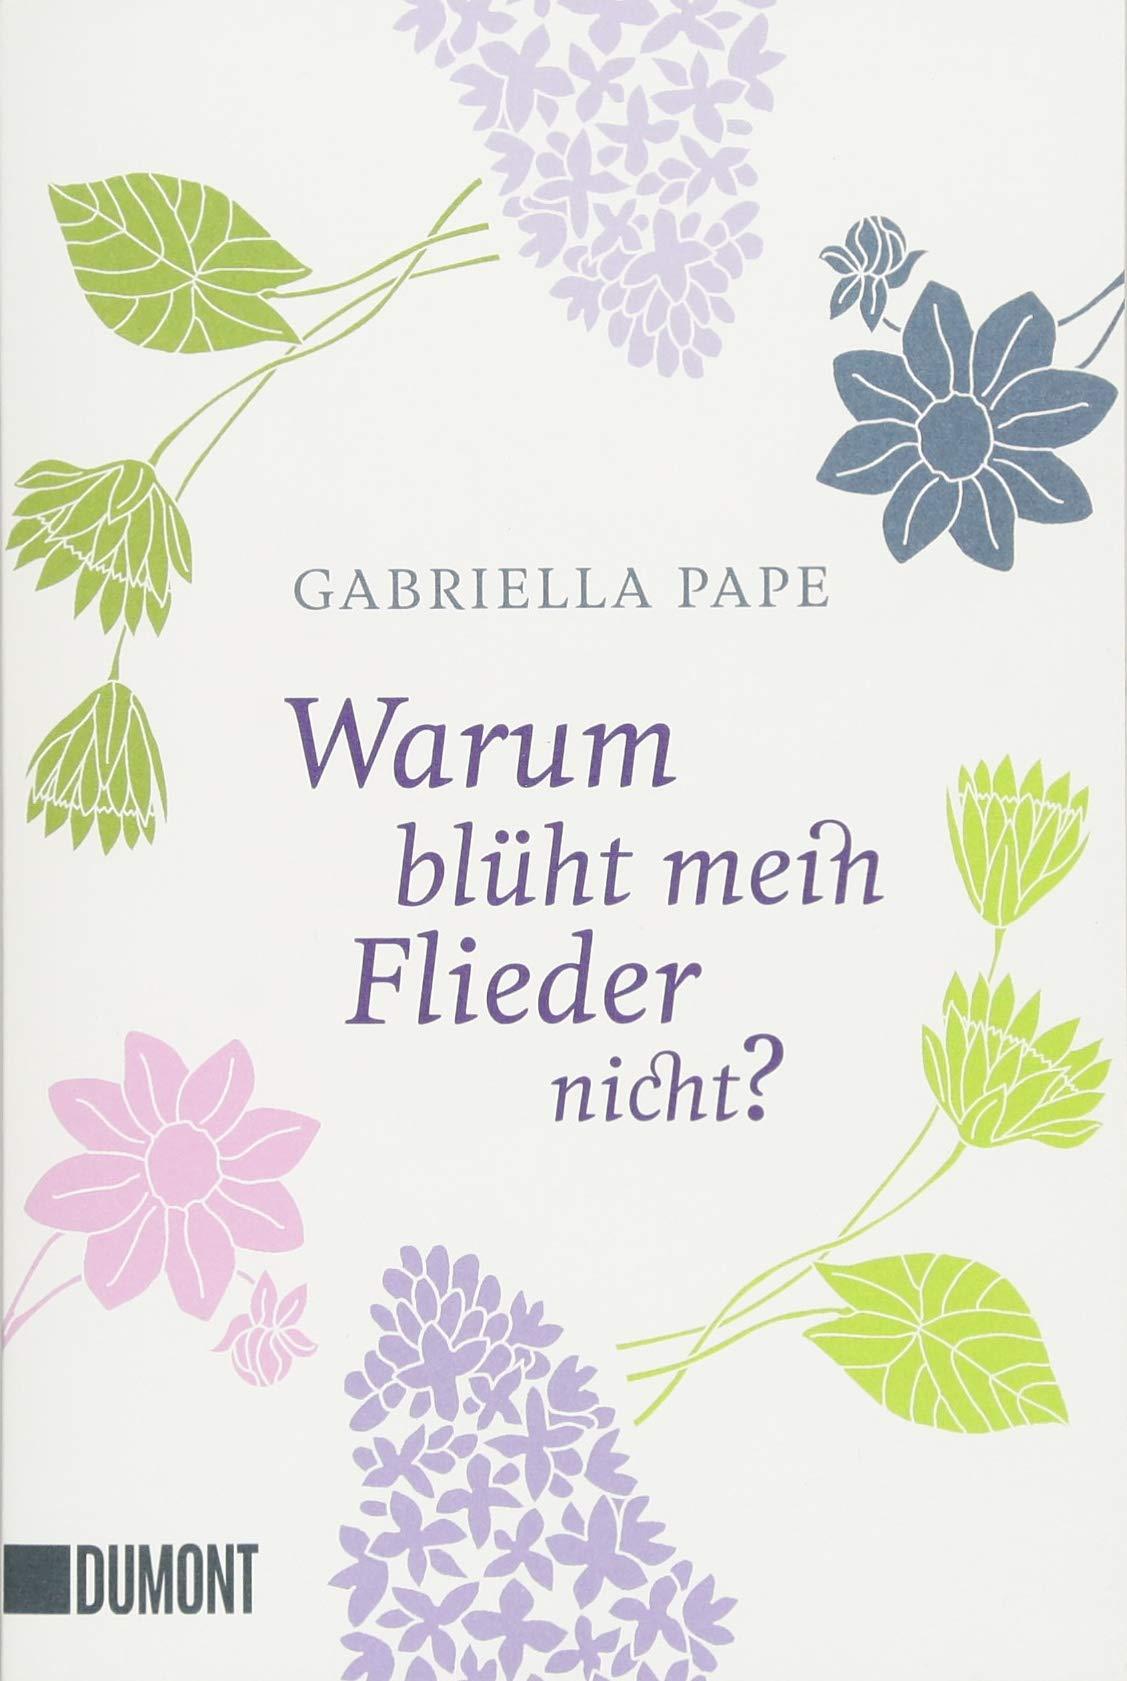 Warum Bluht Mein Flieder Nicht Taschenbucher Amazon De Gabriella